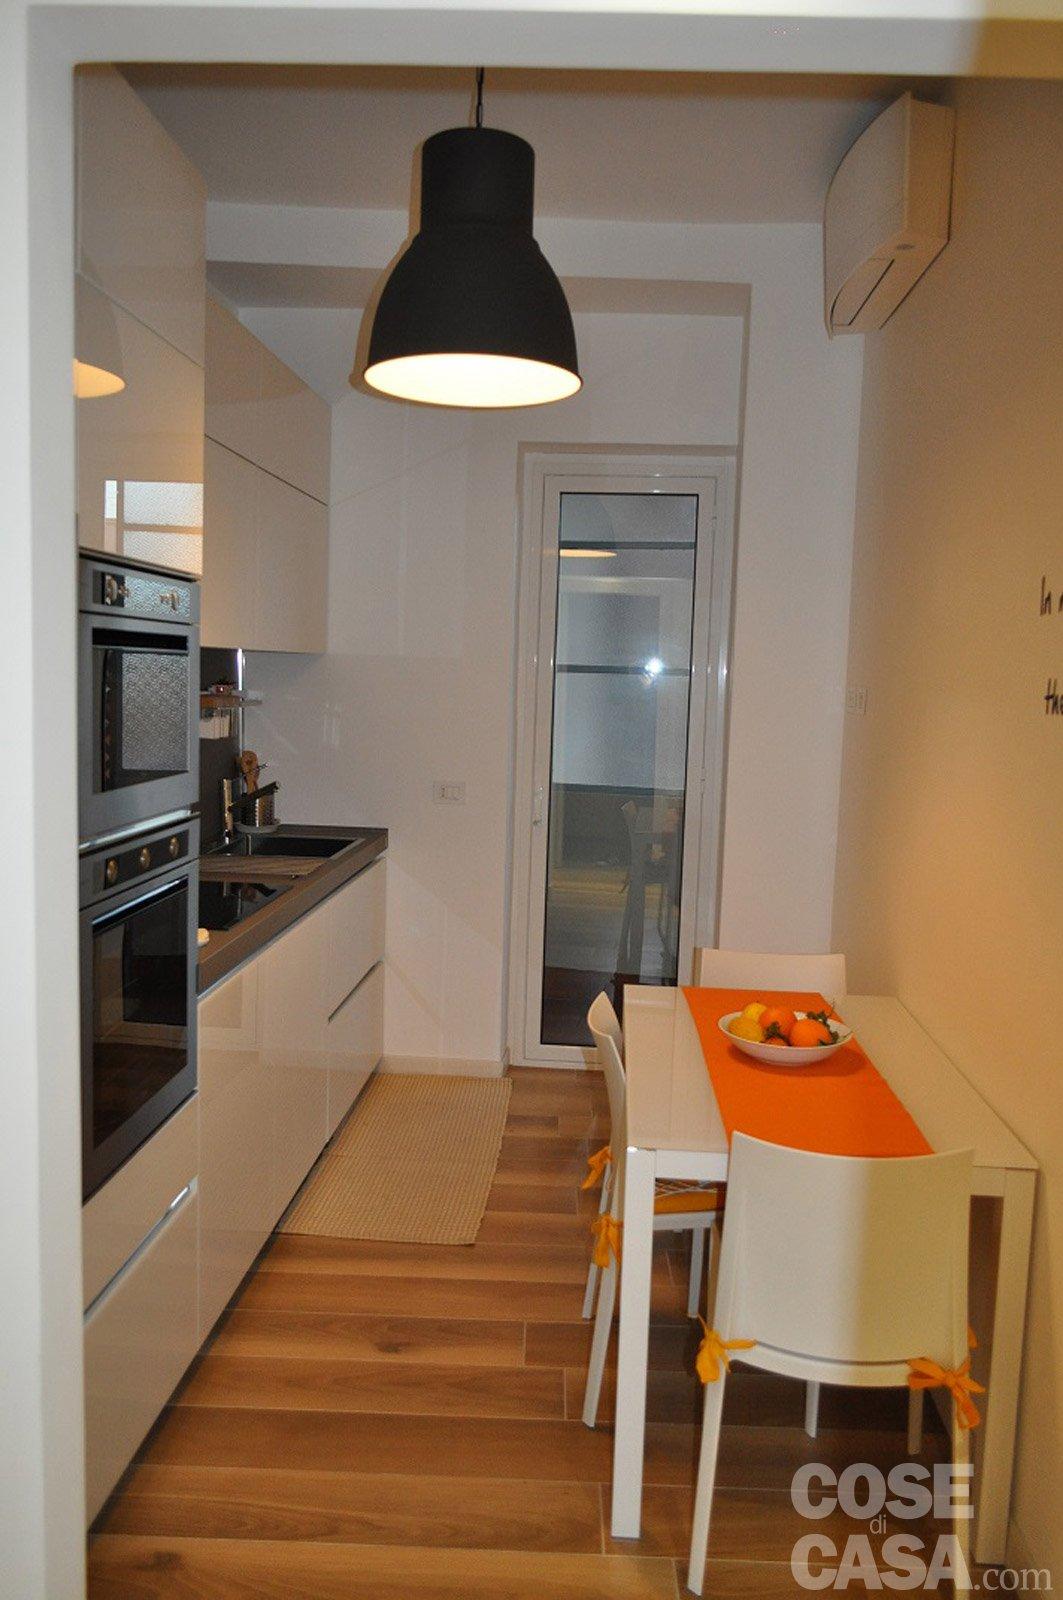 90 mq una casa da vivere in relax cose di casa - Tavolo piccolo ikea ...